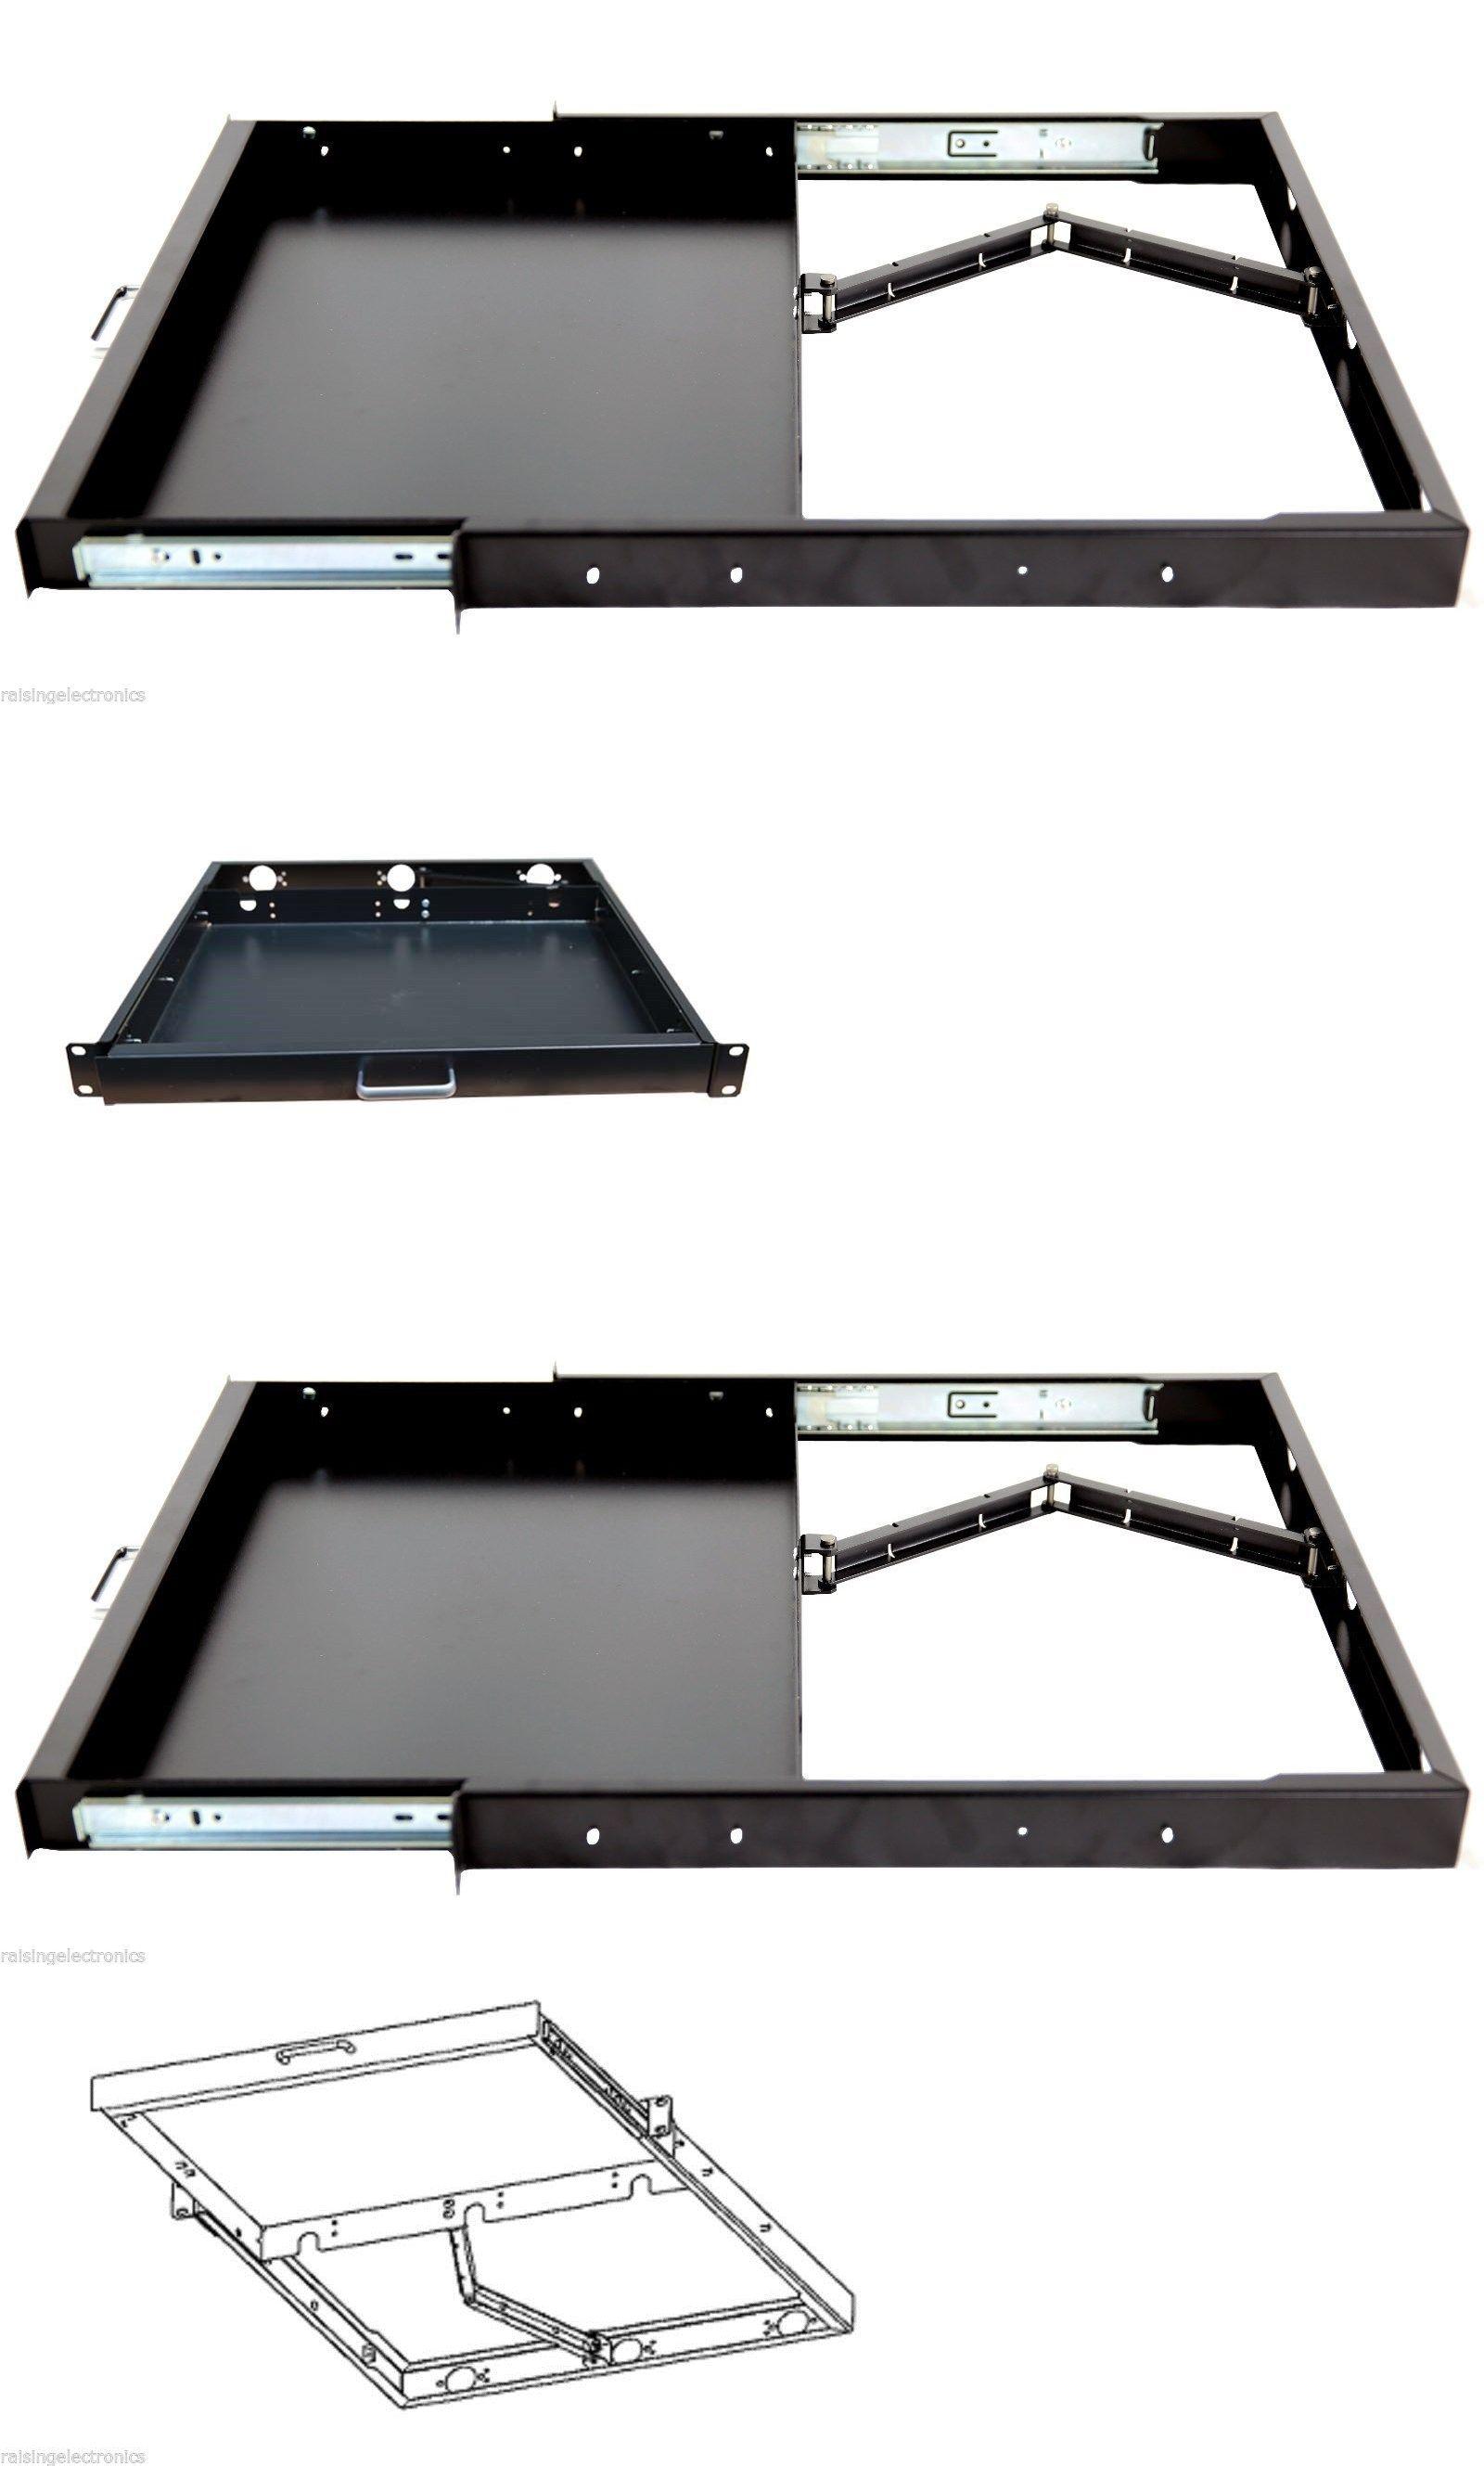 1u rack mount sliding keyboard drawer